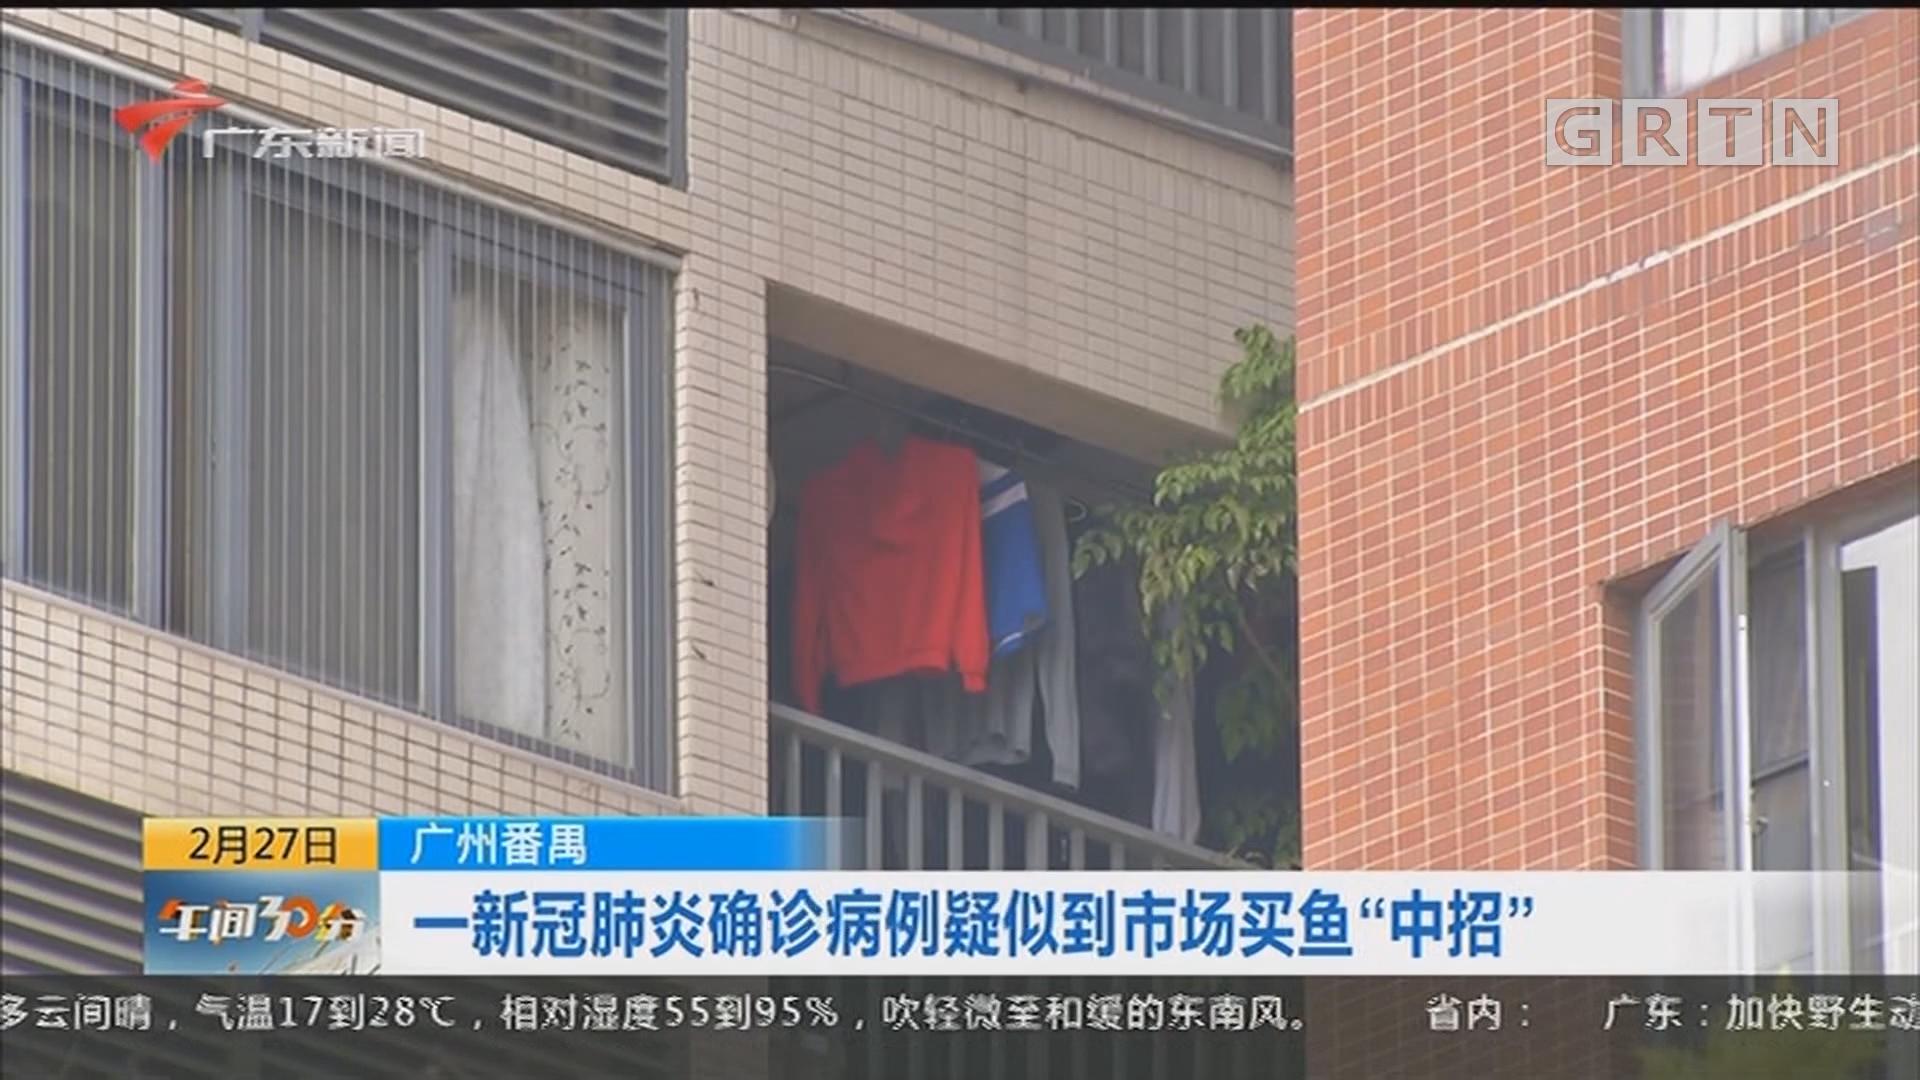 """广州番禺:一新冠肺炎确诊病例疑似到市场买鱼""""中招"""""""